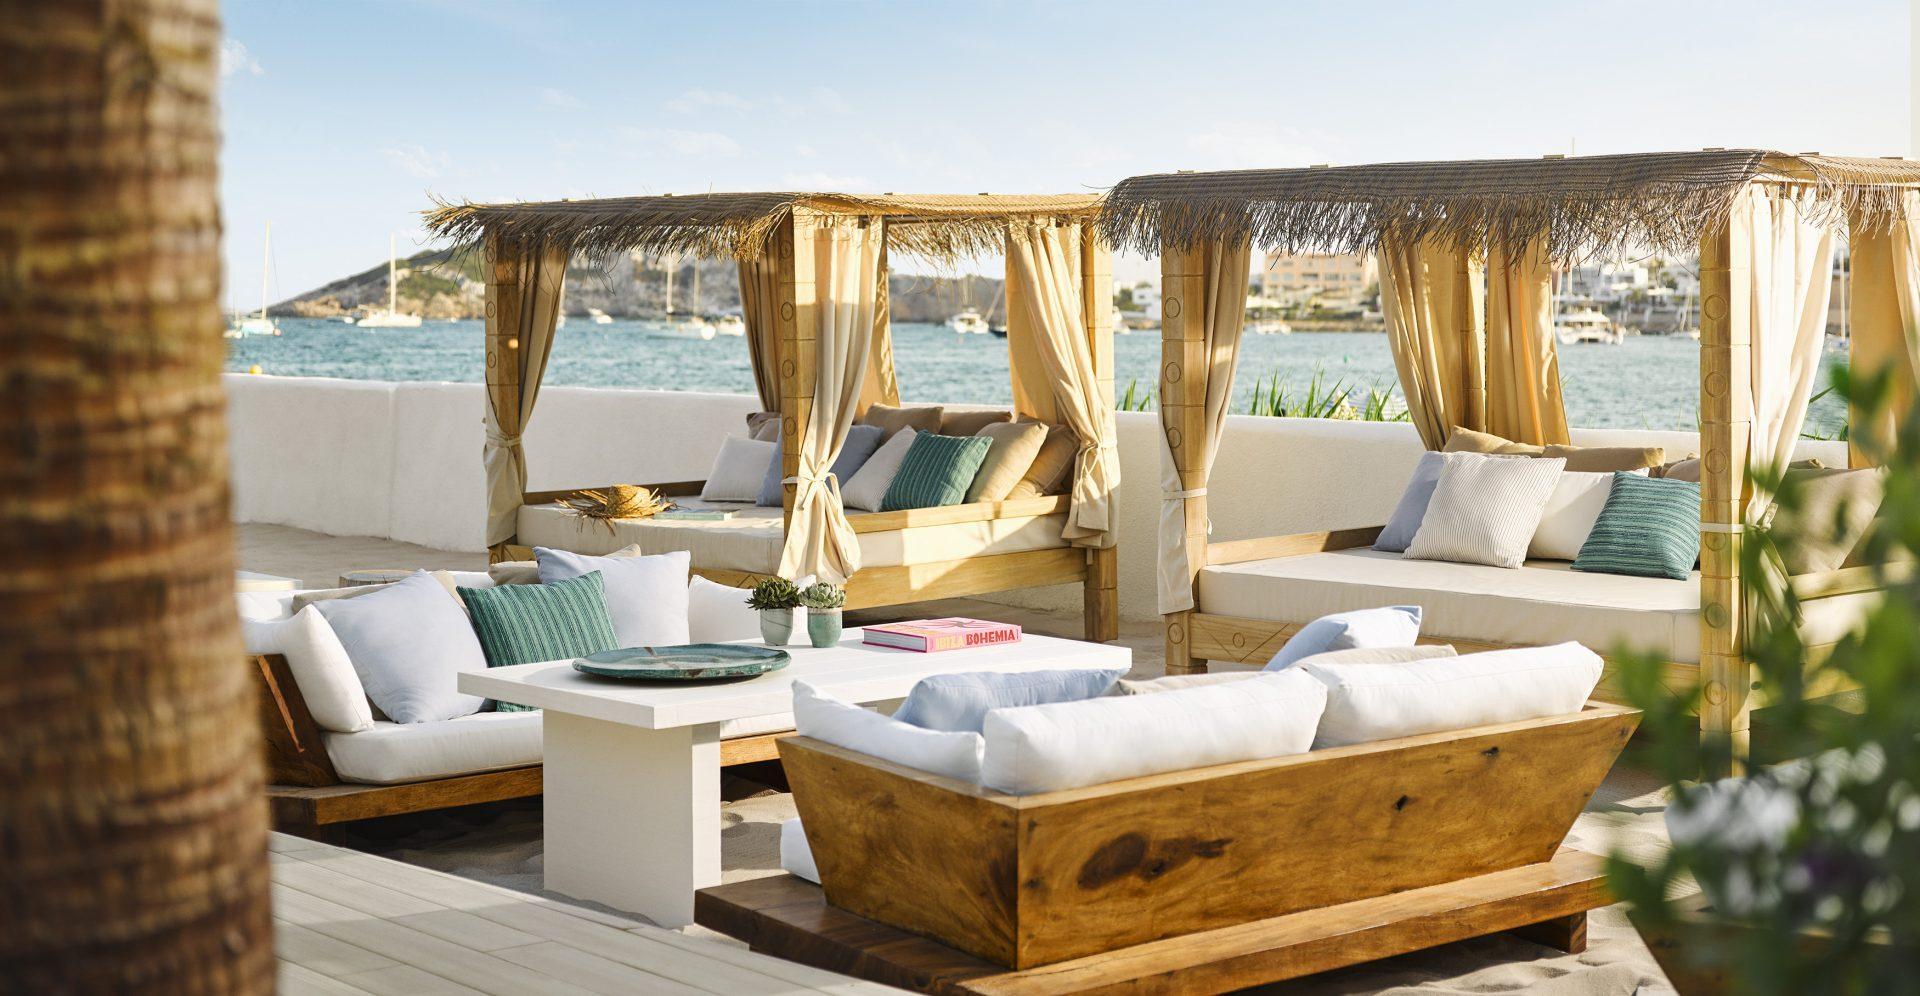 Family Pool Cabana